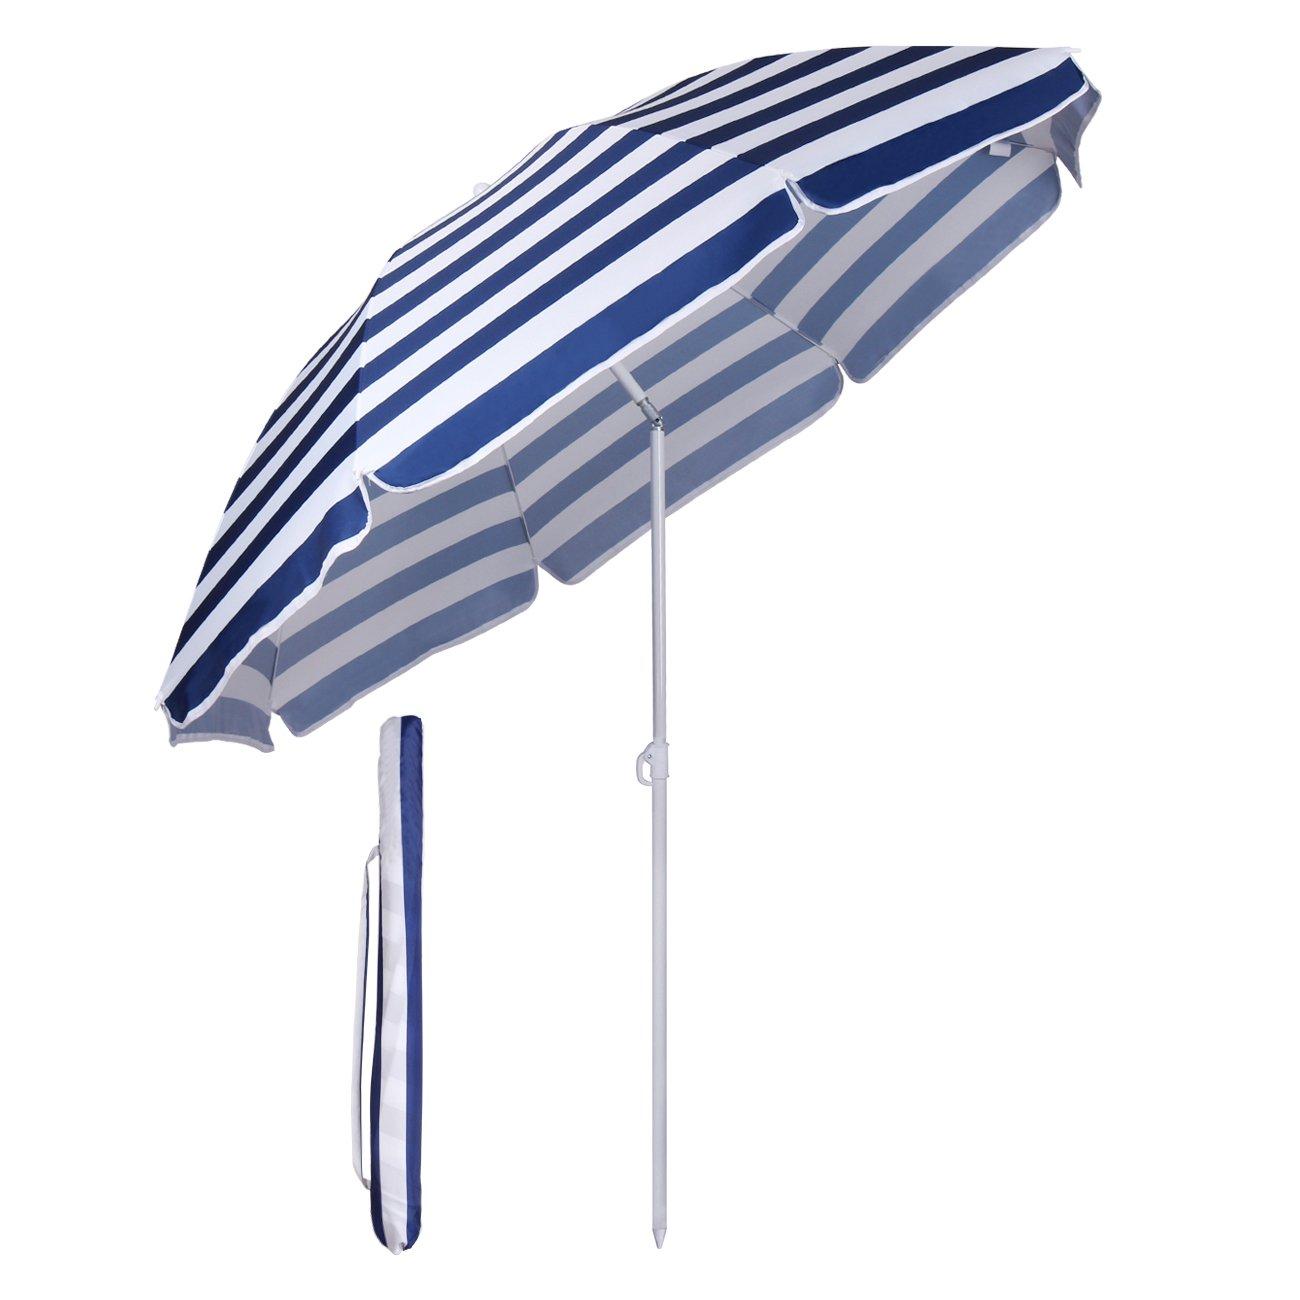 Sekey - Ombrellone Parasole, Diametro di 160 cm, Protezione Solare UV20+, Colore: Blu e Bianco, a Strisce, Ideale per Giardini, balconi e terrazze